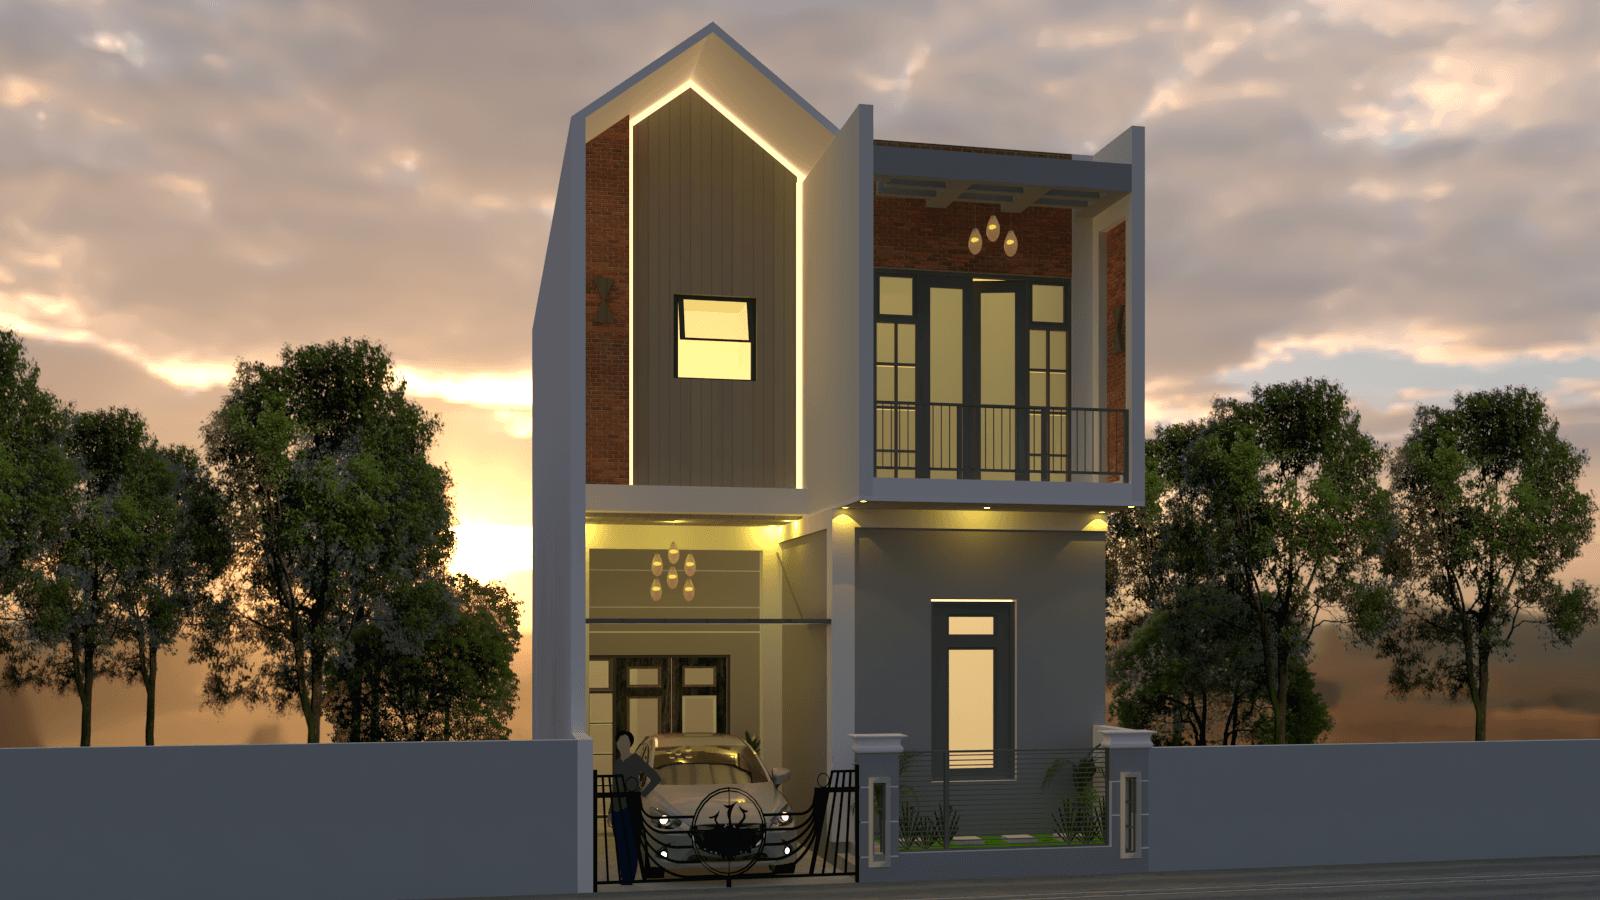 Jasa Arsitek Javanisches Gold Architecture di Kudus